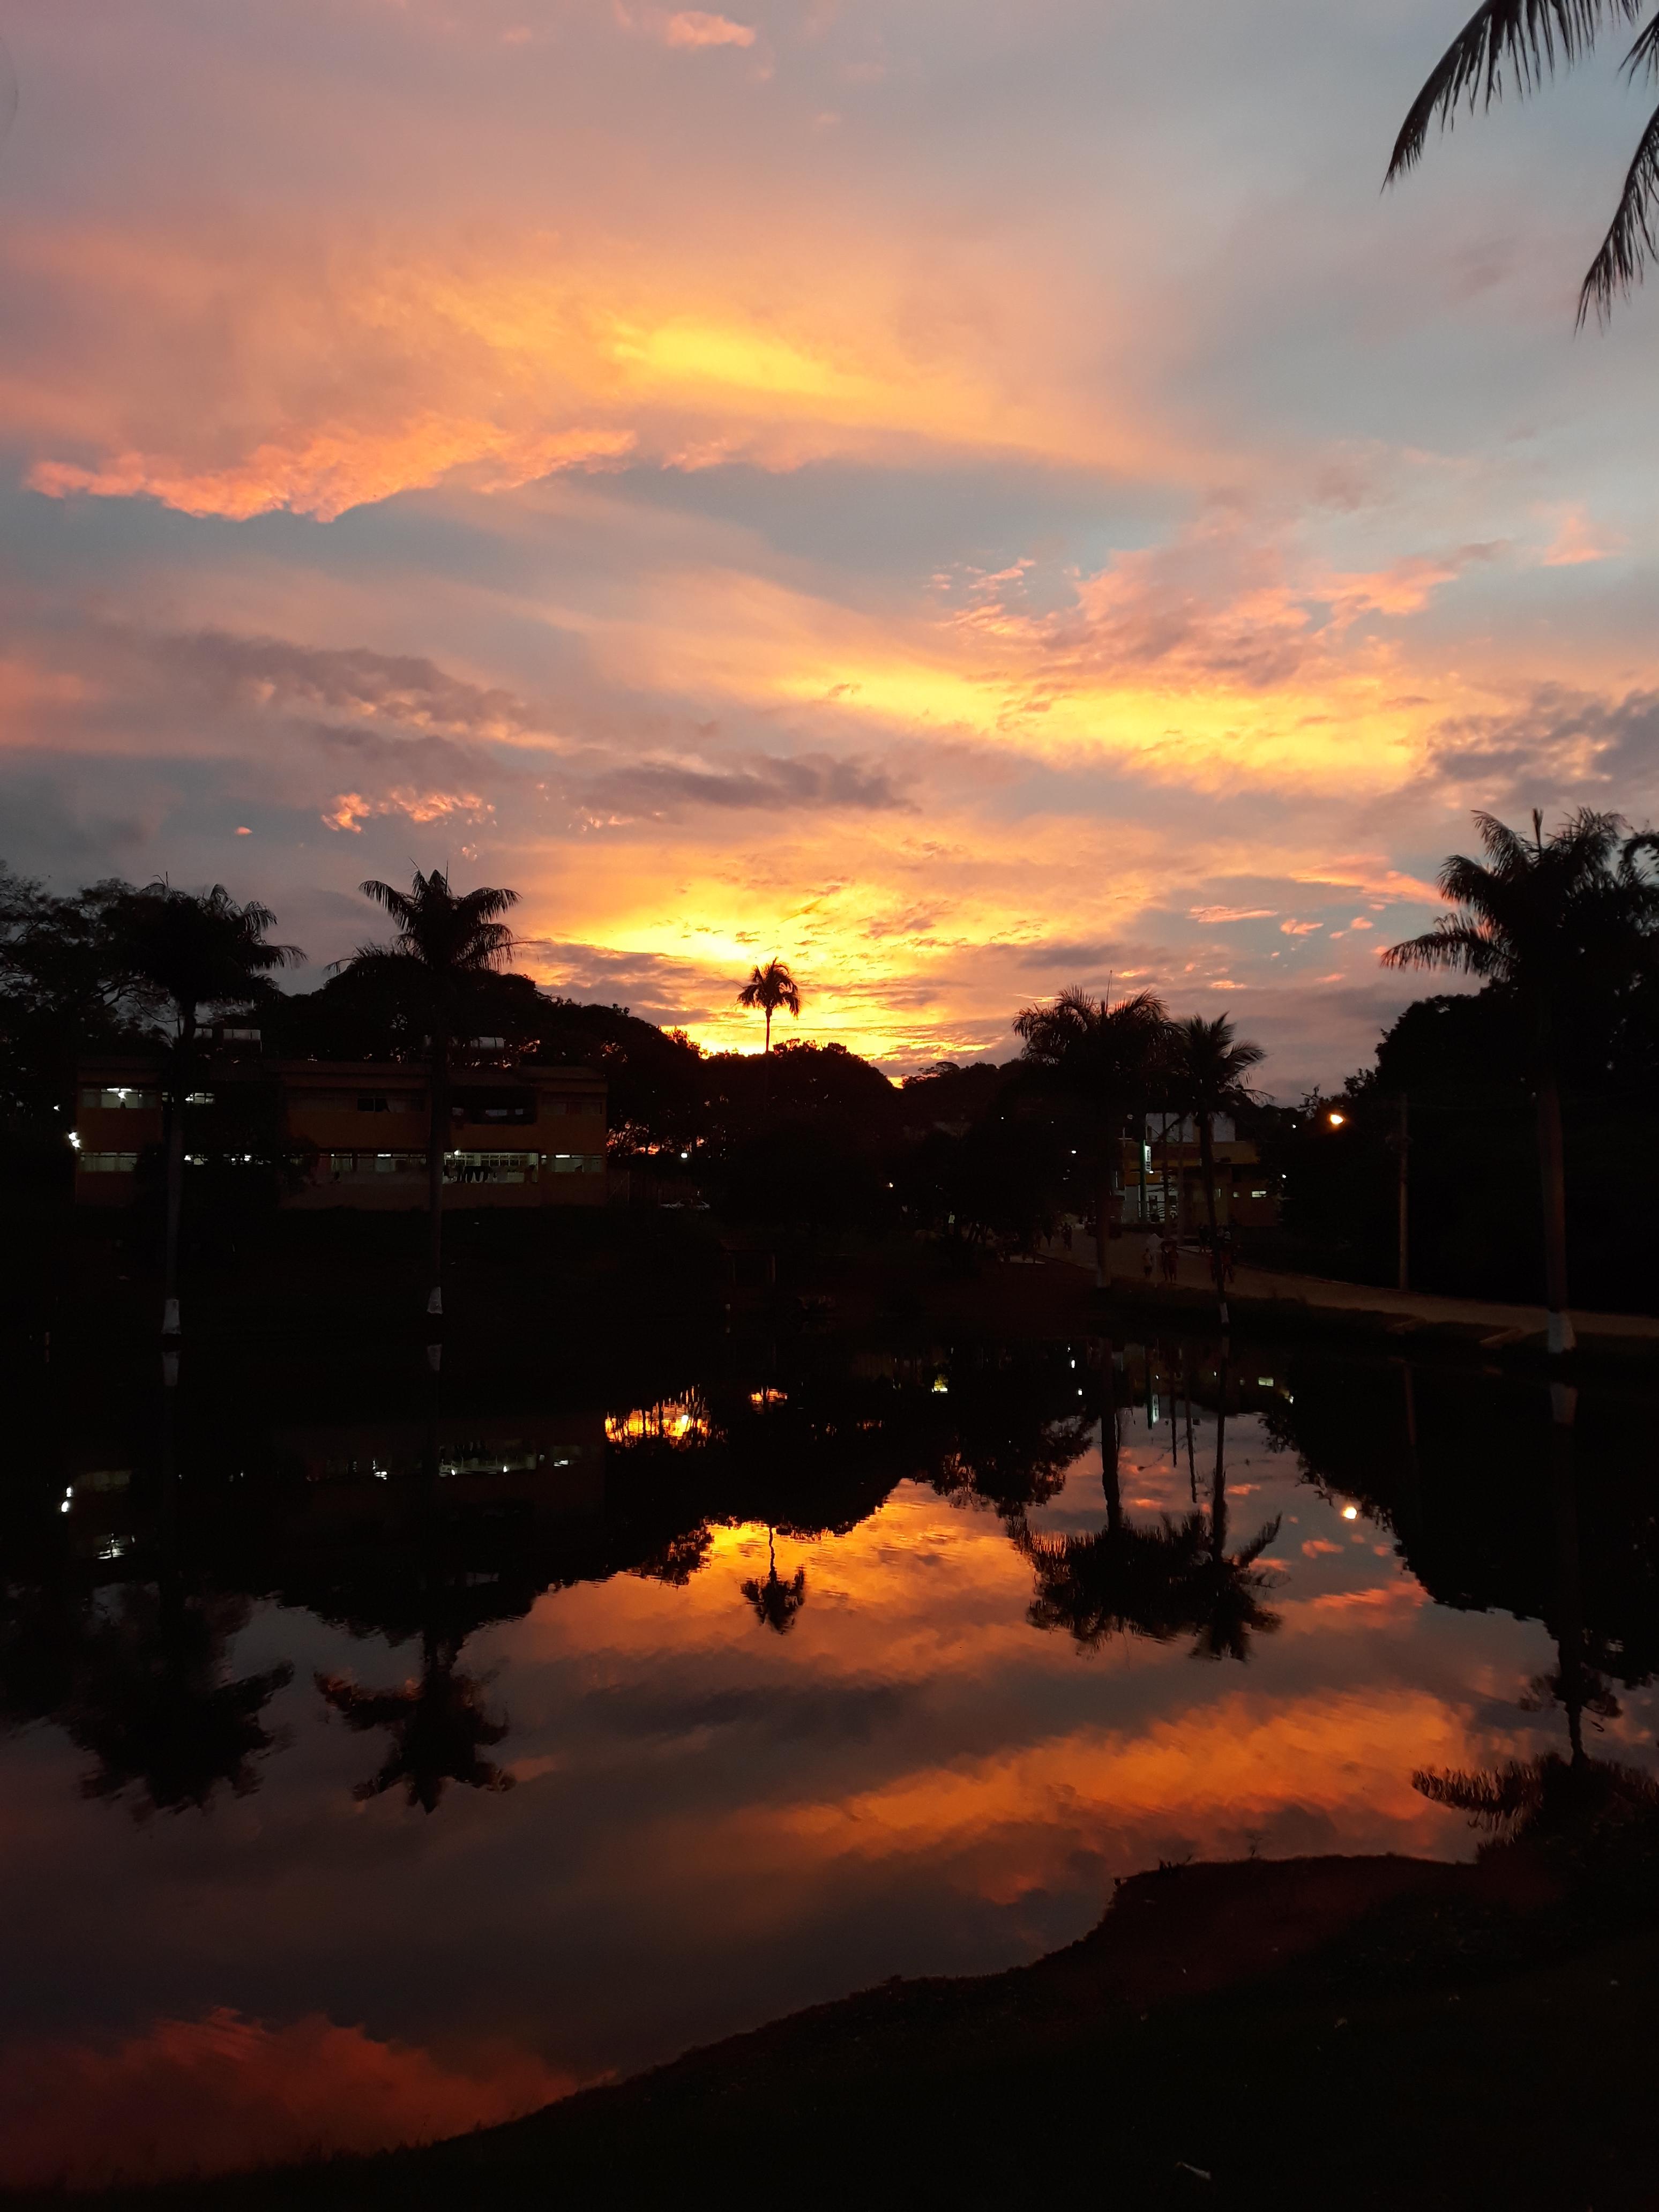 E quando chega o pôr do sol paramos para agradecer por mais um dia de vida